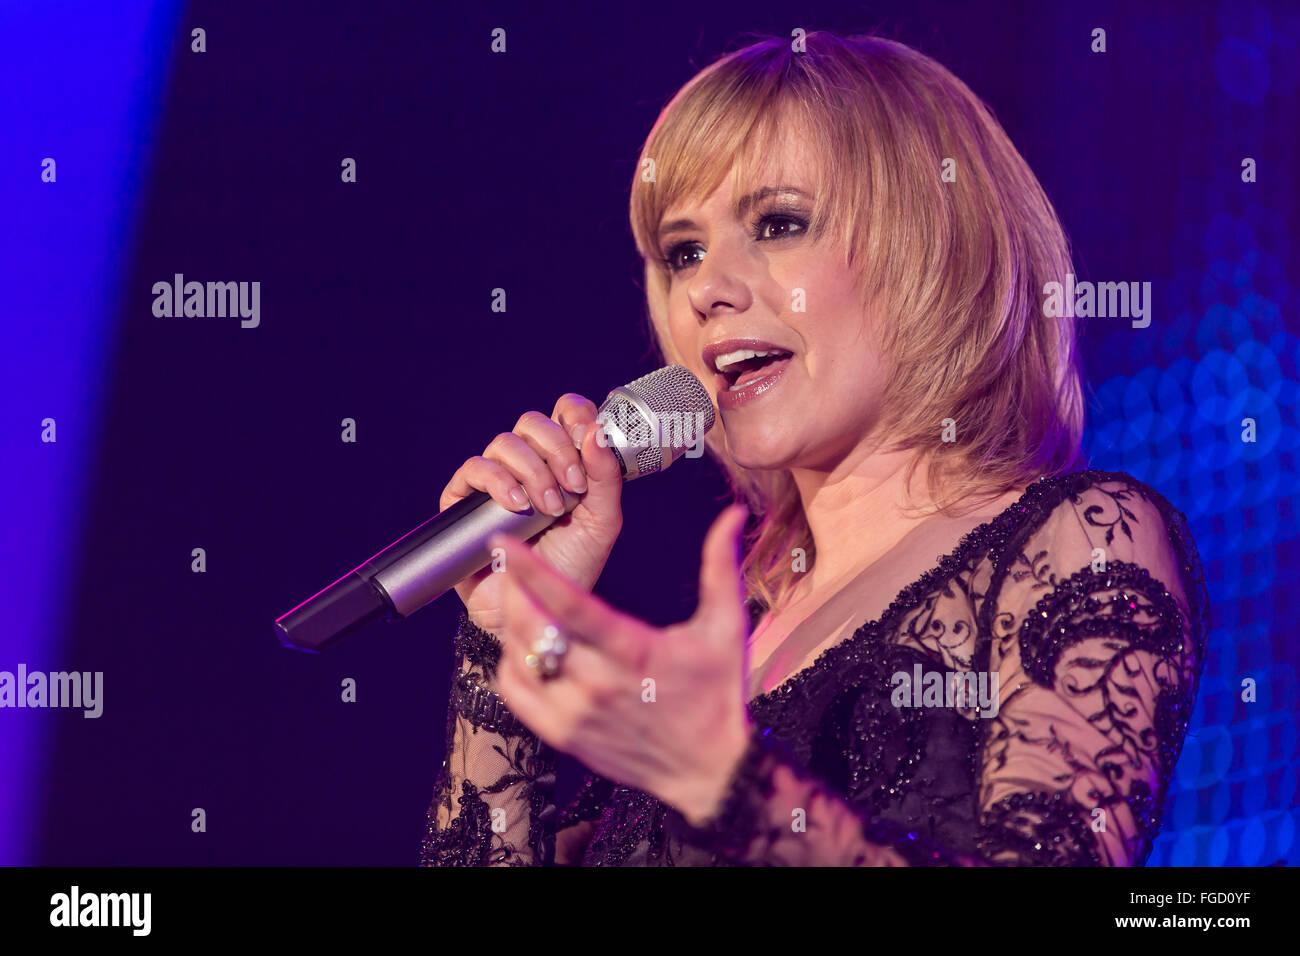 Francine Jordi - Stock Image